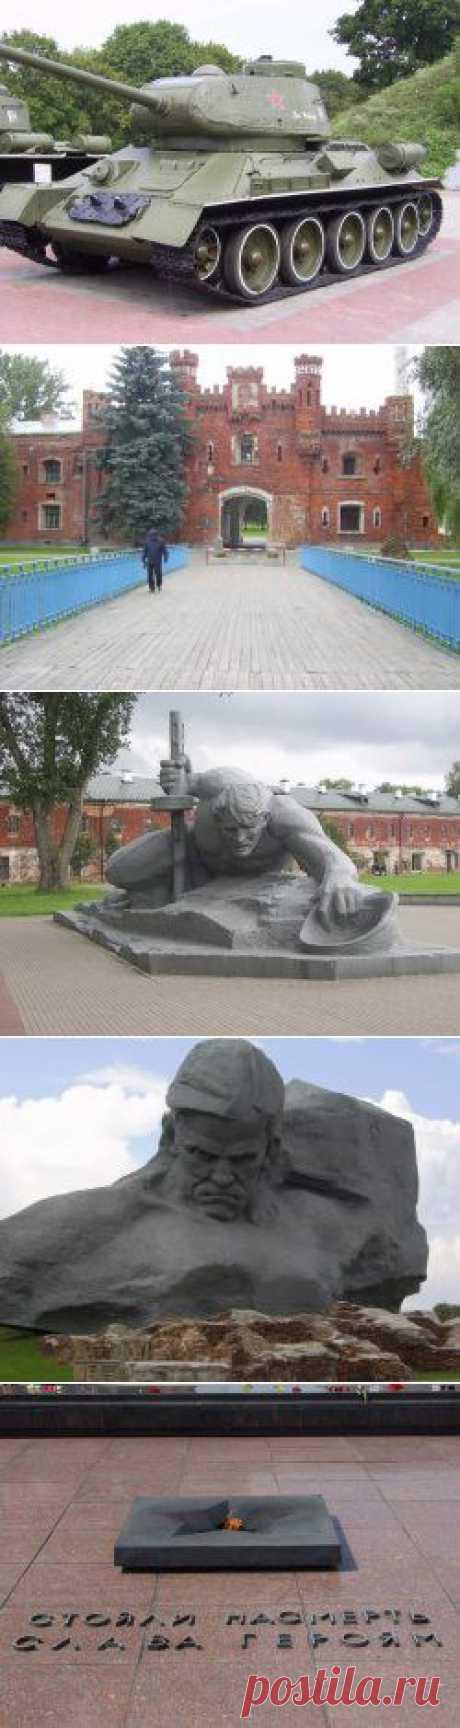 """Брестская крепость - главные ворота; манумент """" Жажда  выставка военной техники"""